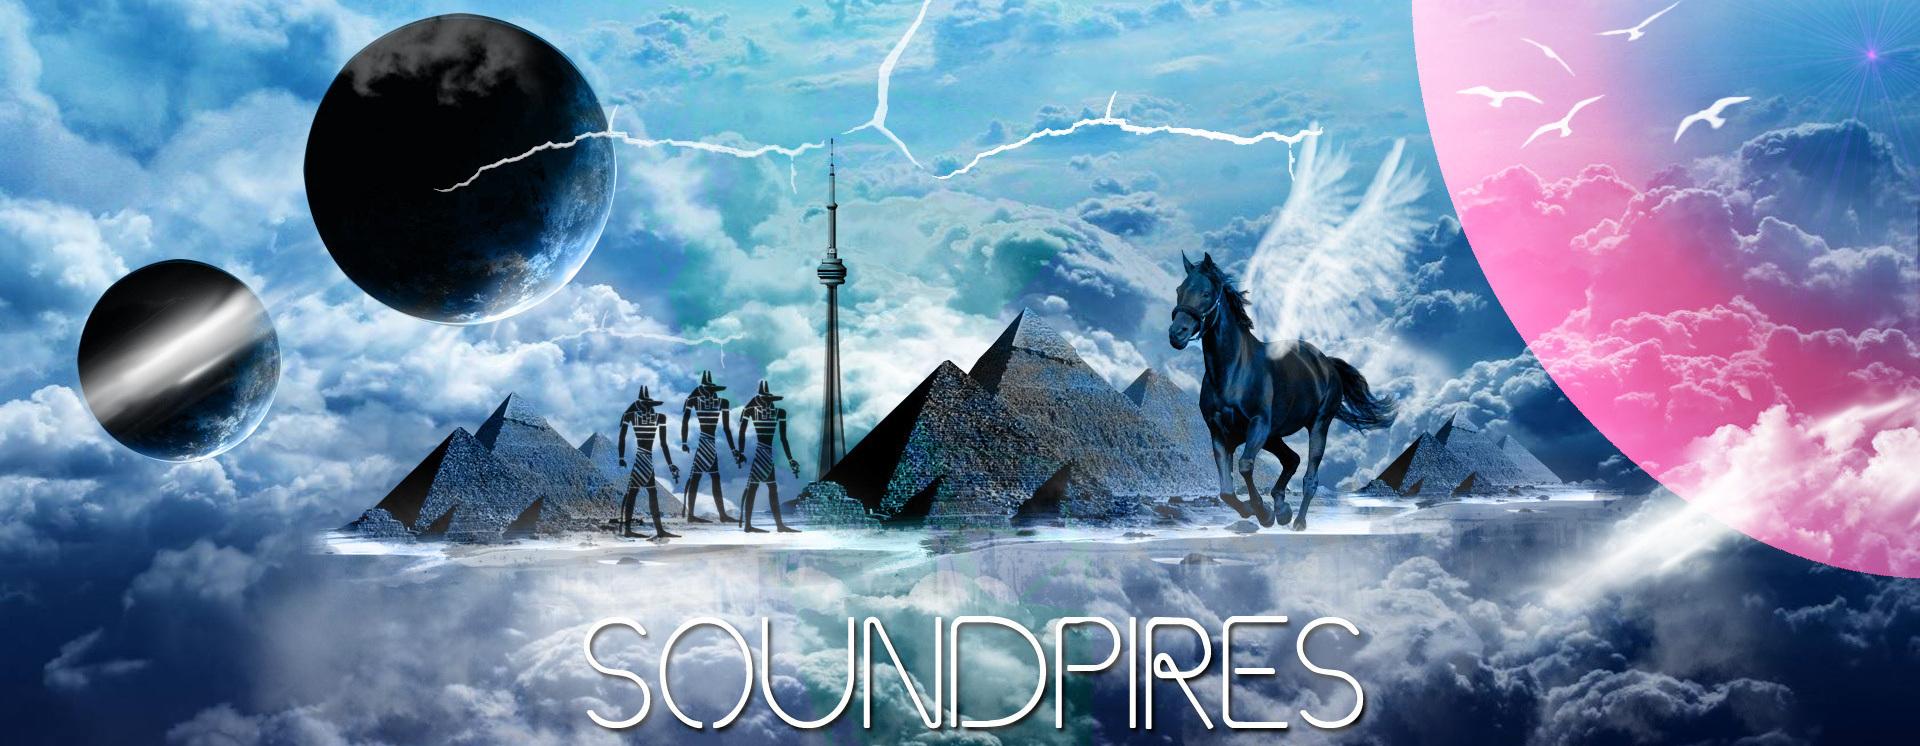 1390969103 soundpires horses lrg copy